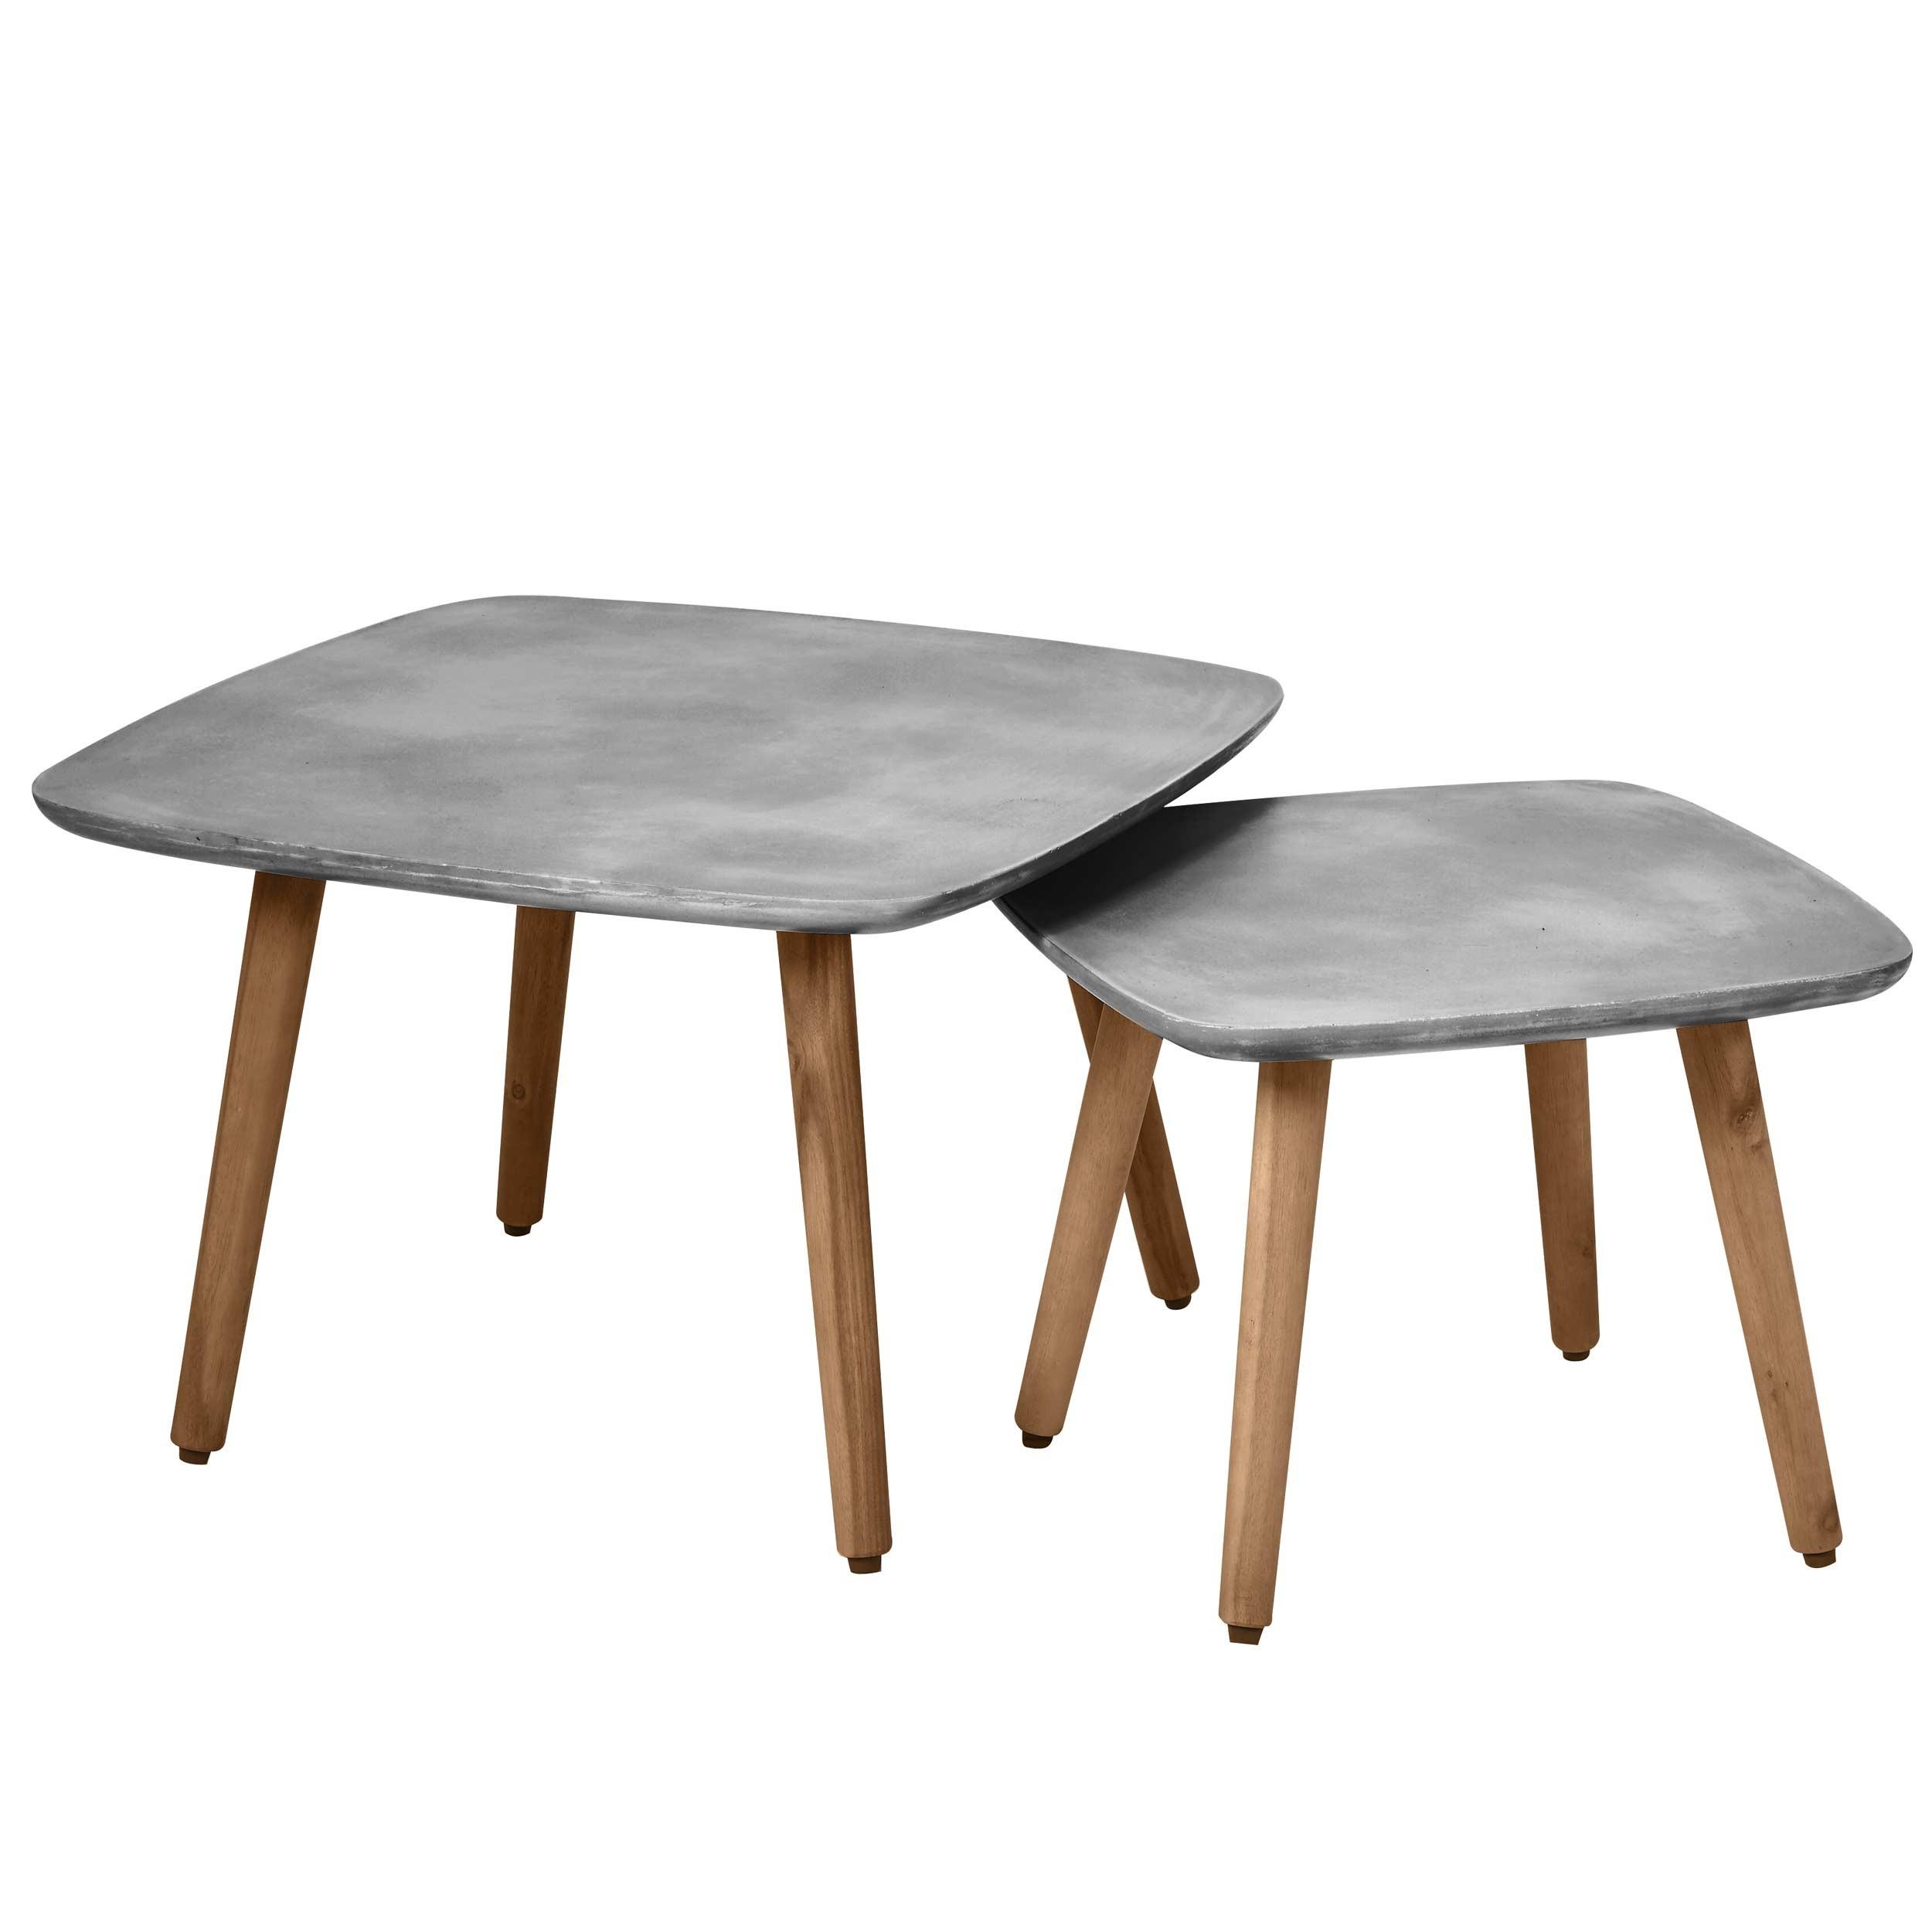 acheter table basse gigogne carree